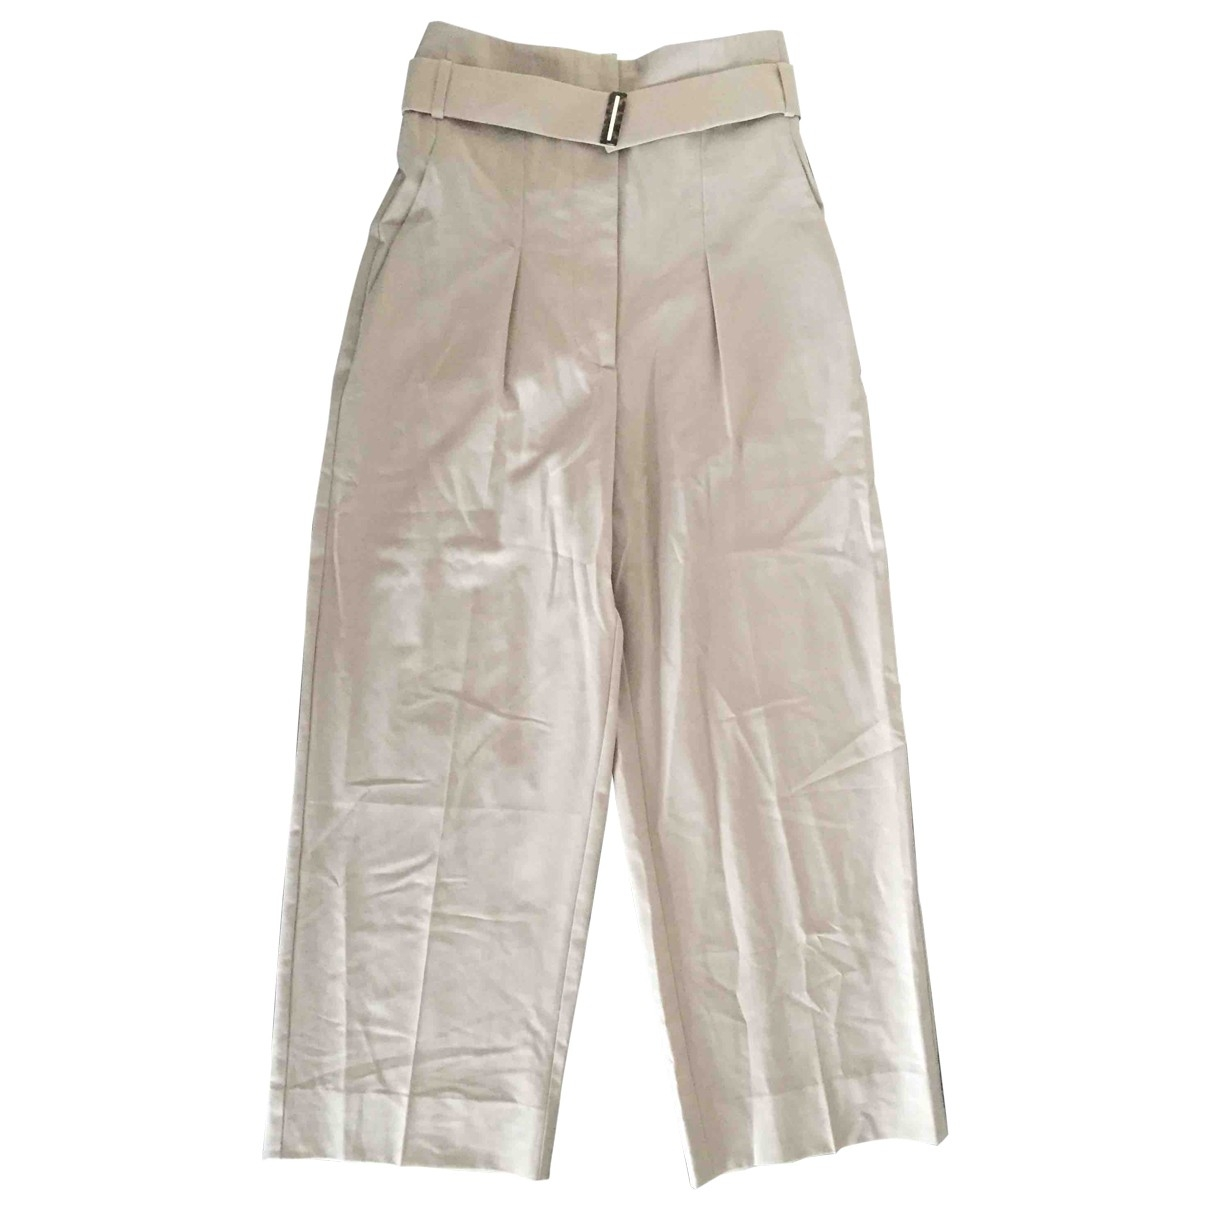 Maison Martin Margiela \N Beige Wool Trousers for Women 42 IT